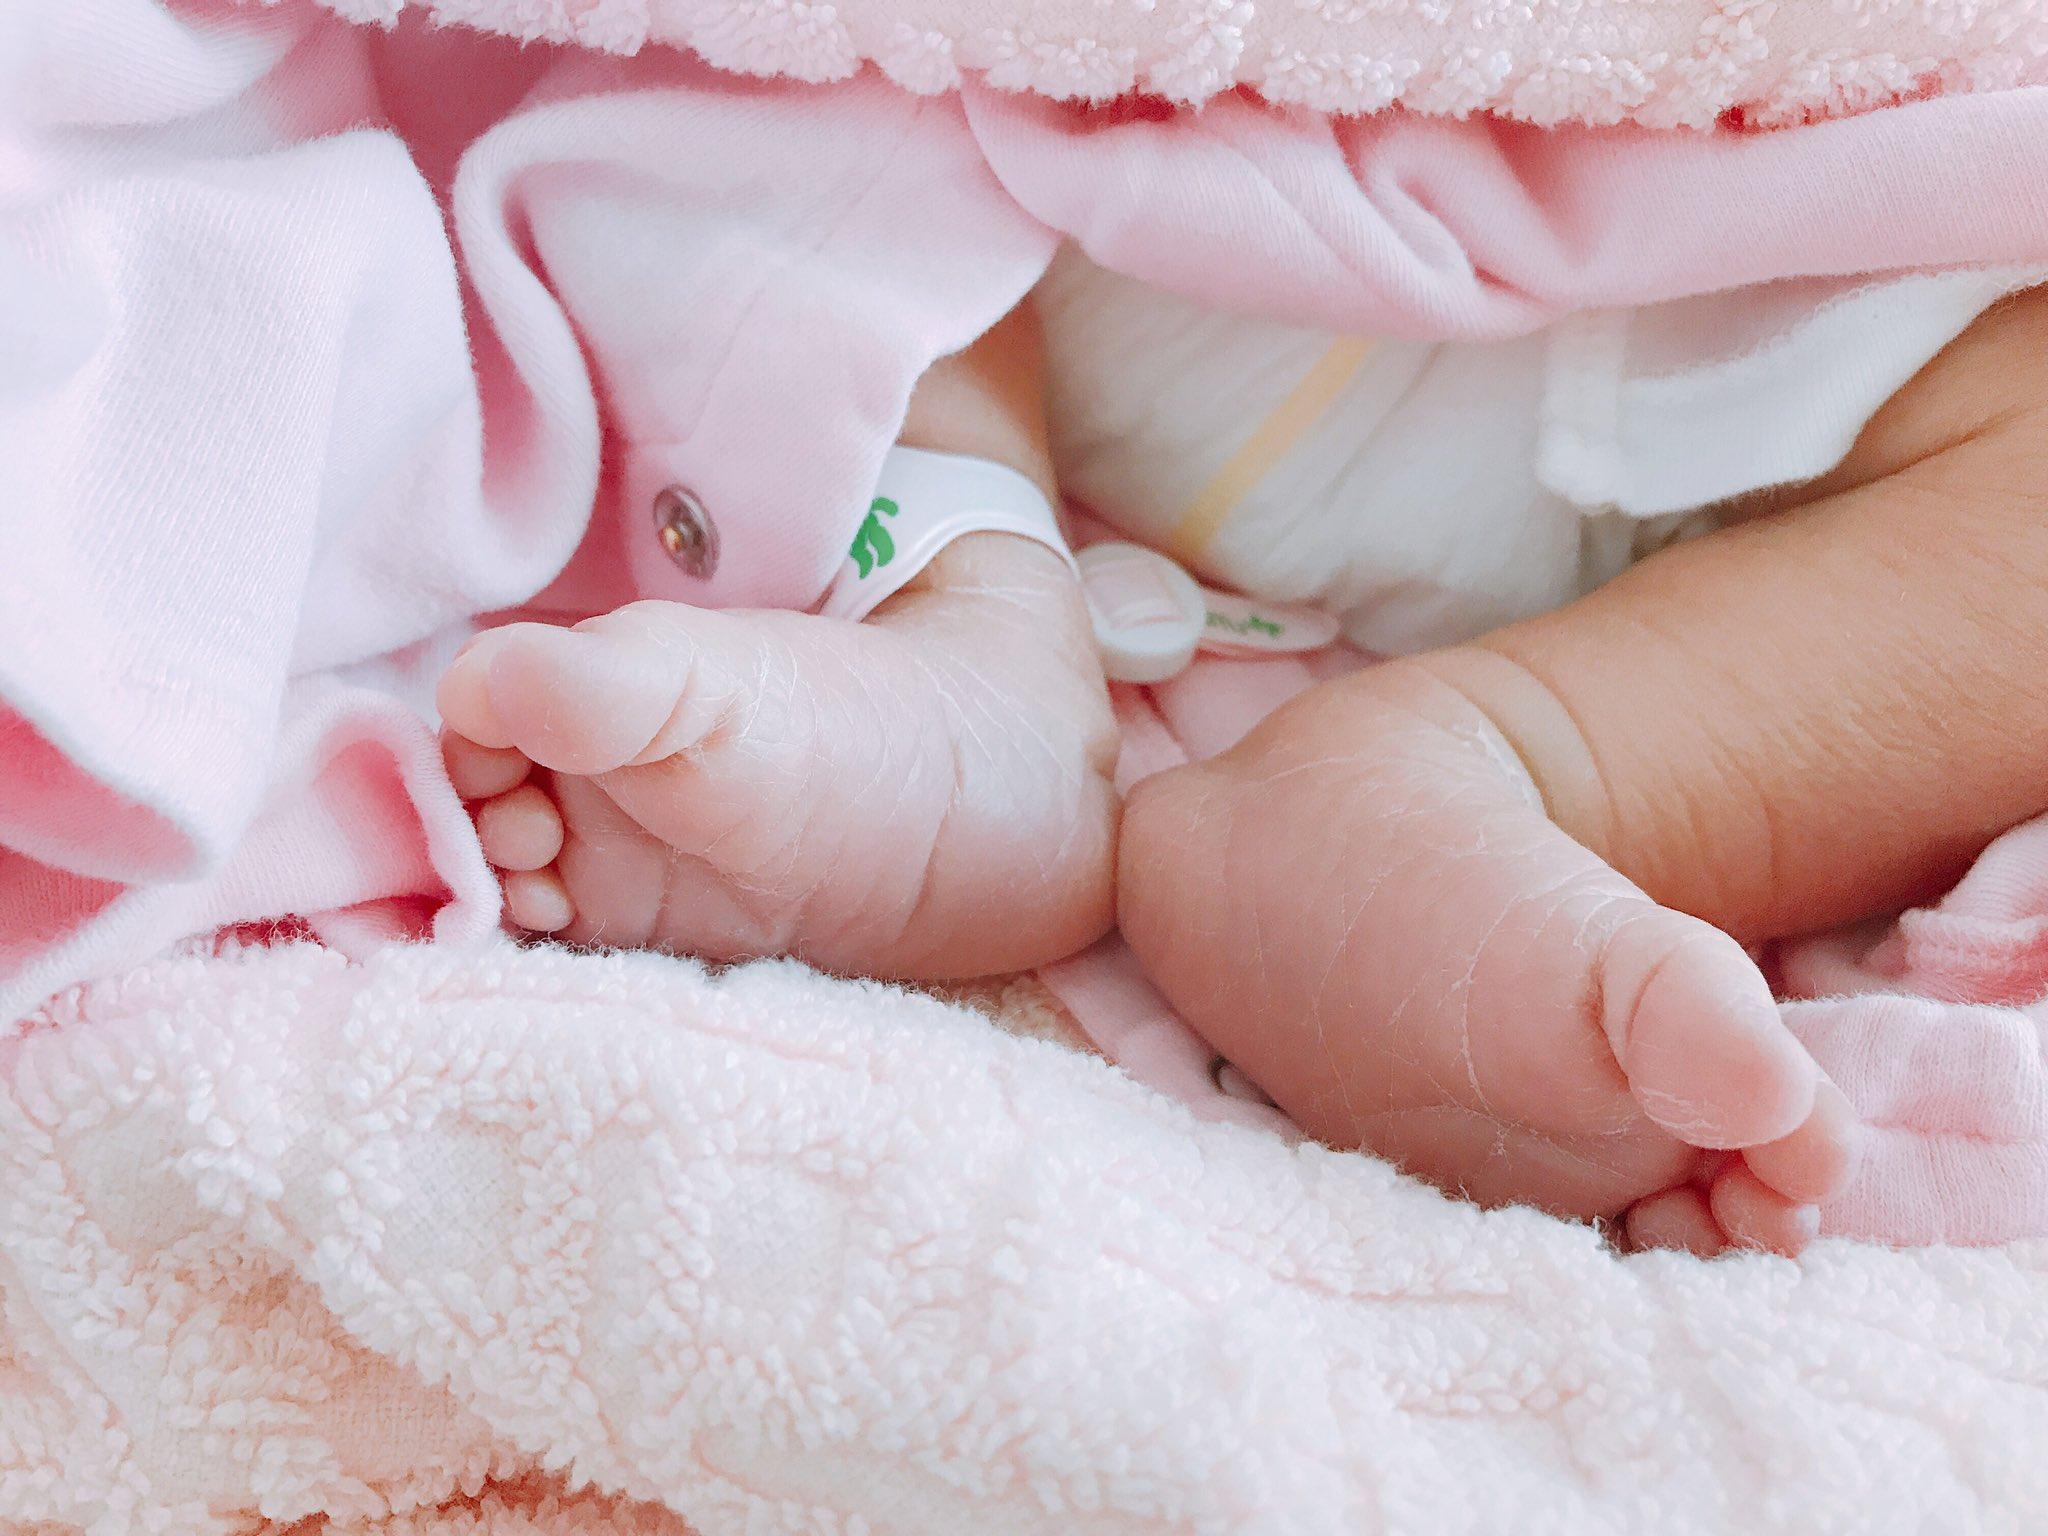 令和元年5月23日、3310gの元気な女の子が産まれました👶✨<br>皆さん沢山の応援をありがとうございました!!